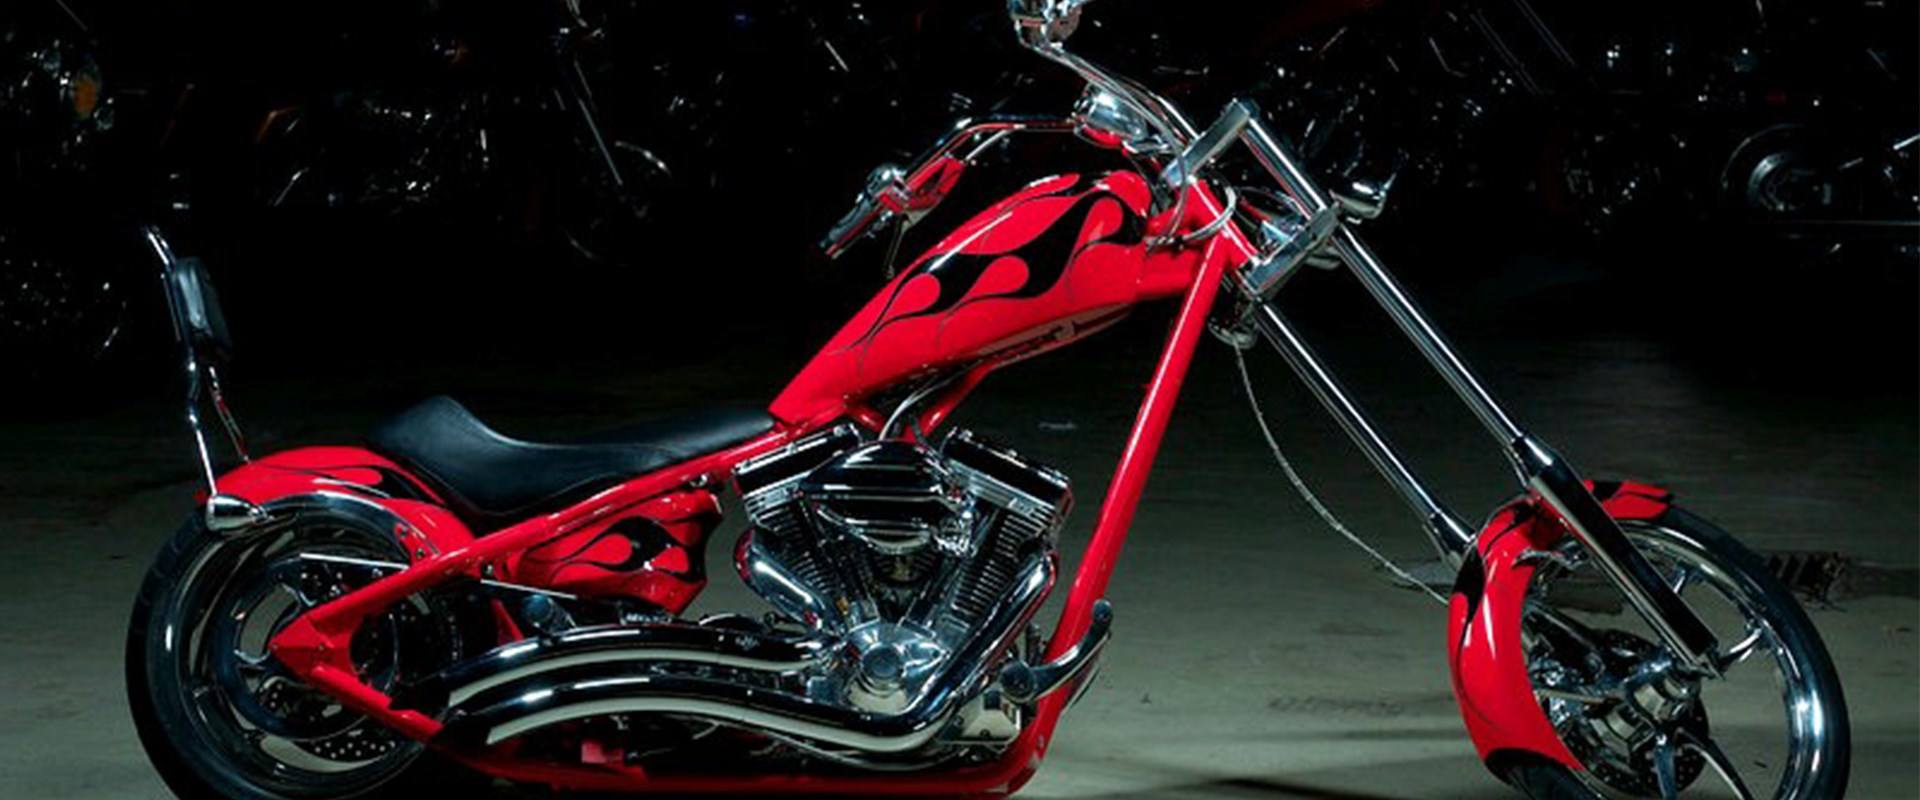 Suzuki Motorcycle Dealer In Mn